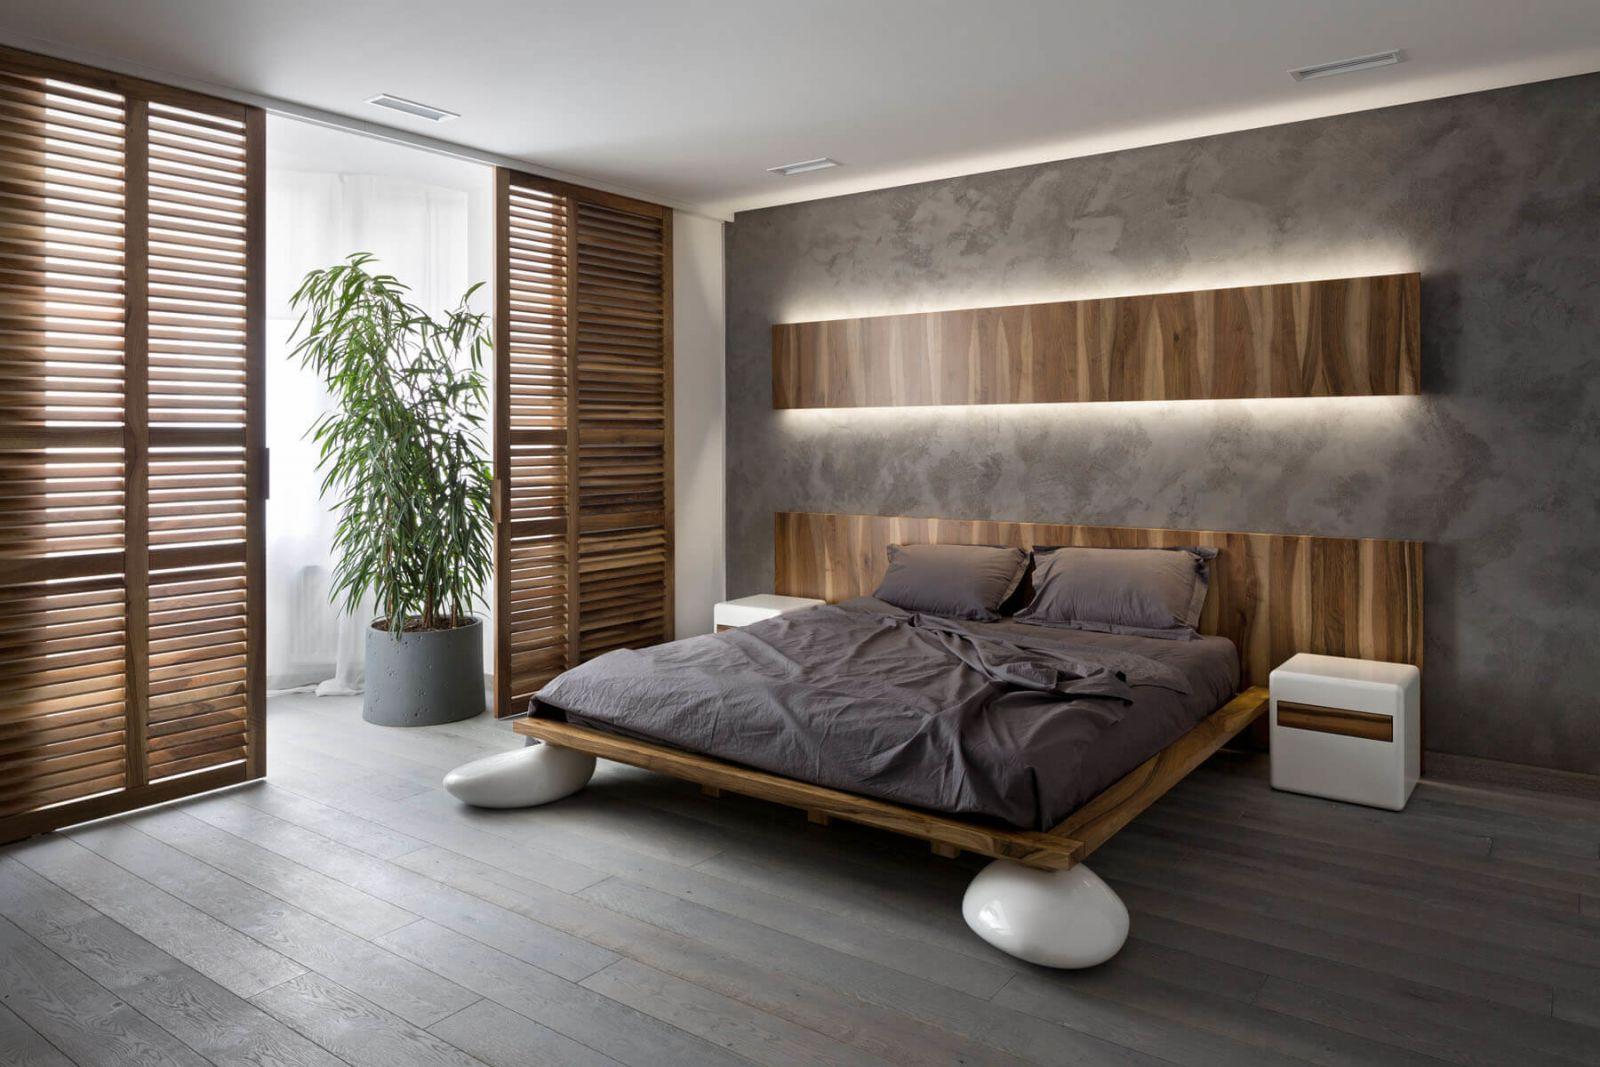 Интерьер главной спальни продолжает общую стилистику в которой выдержаны все помещения квартиры